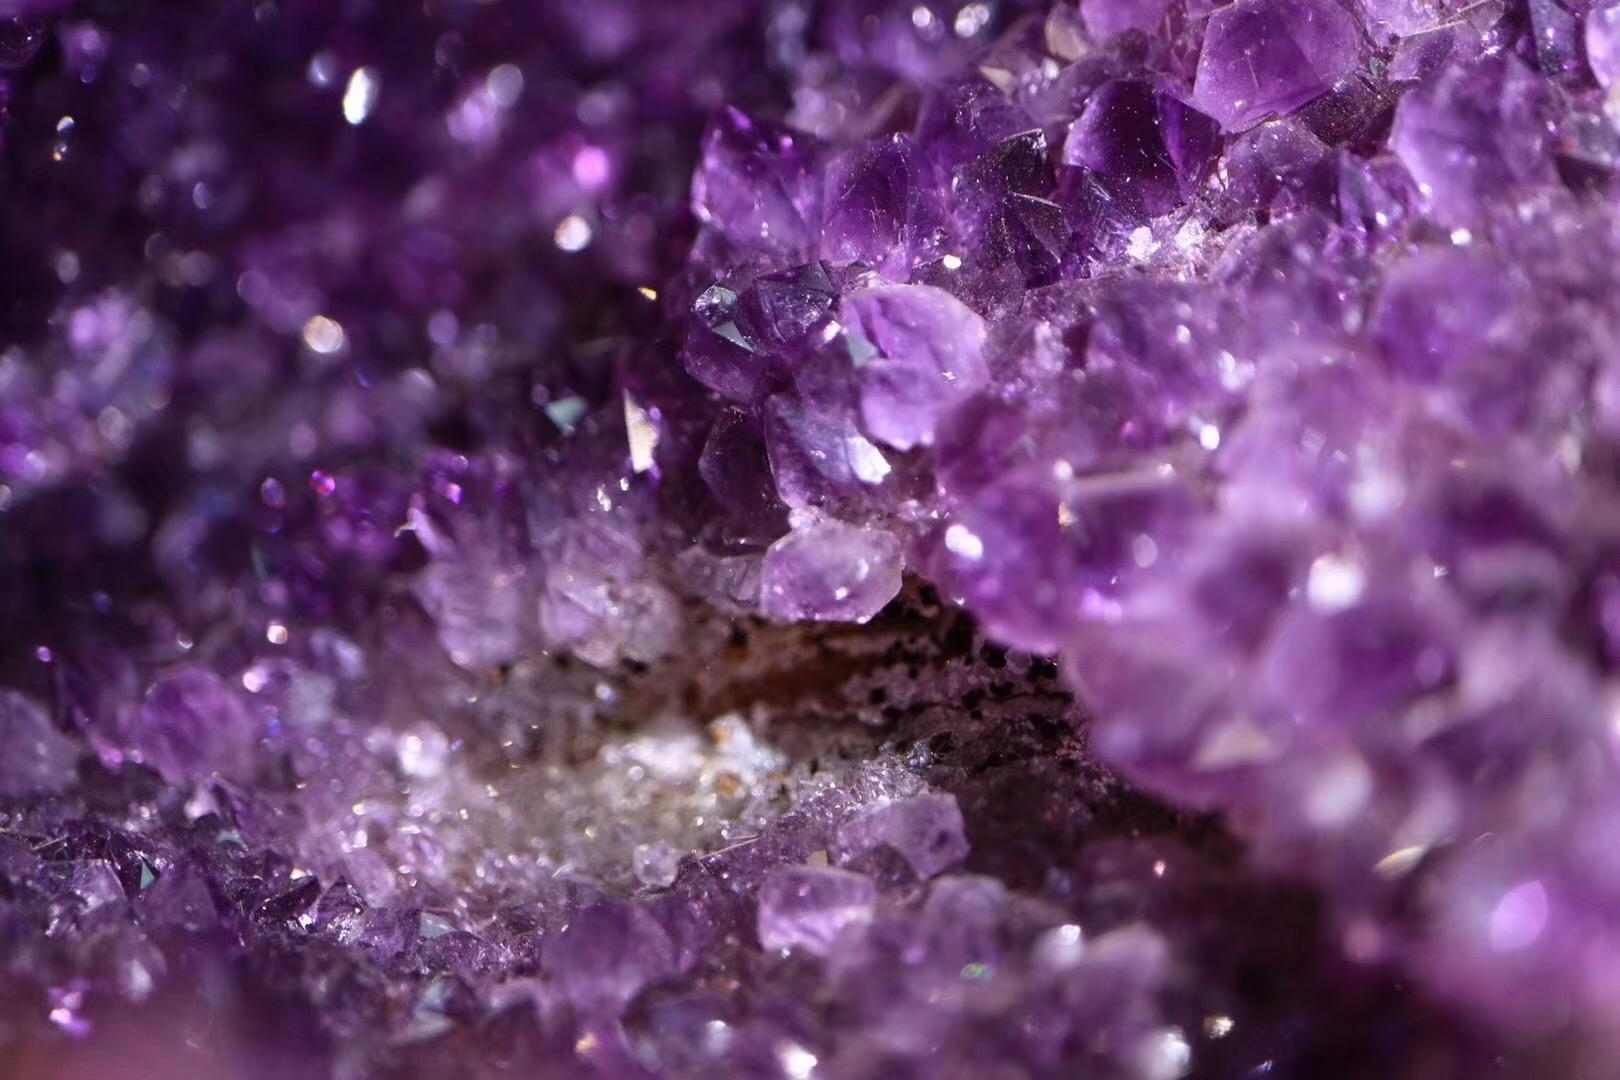 【原矿乌拉圭紫晶洞】辟邪、消磁、聚气、招财、镇宅皆可-菩心晶舍